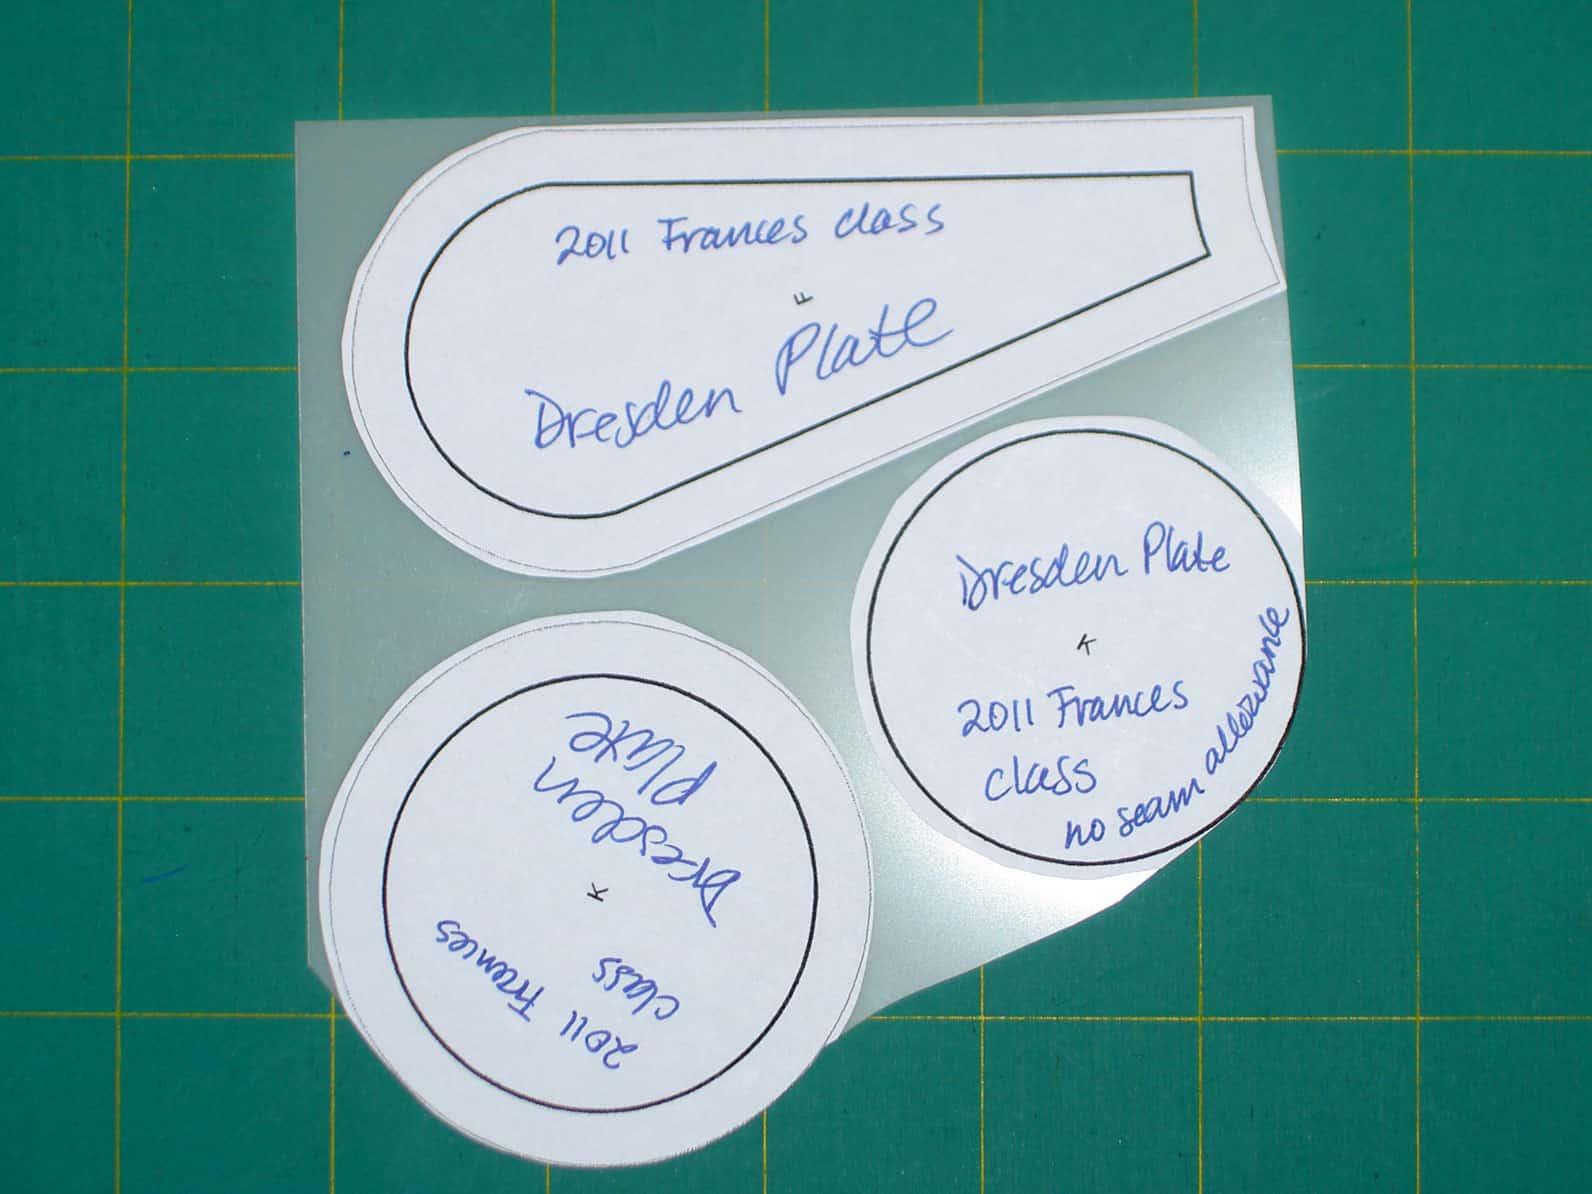 Sampler class making a dresden plate artquiltmaker blog for How to make a dresden plate template